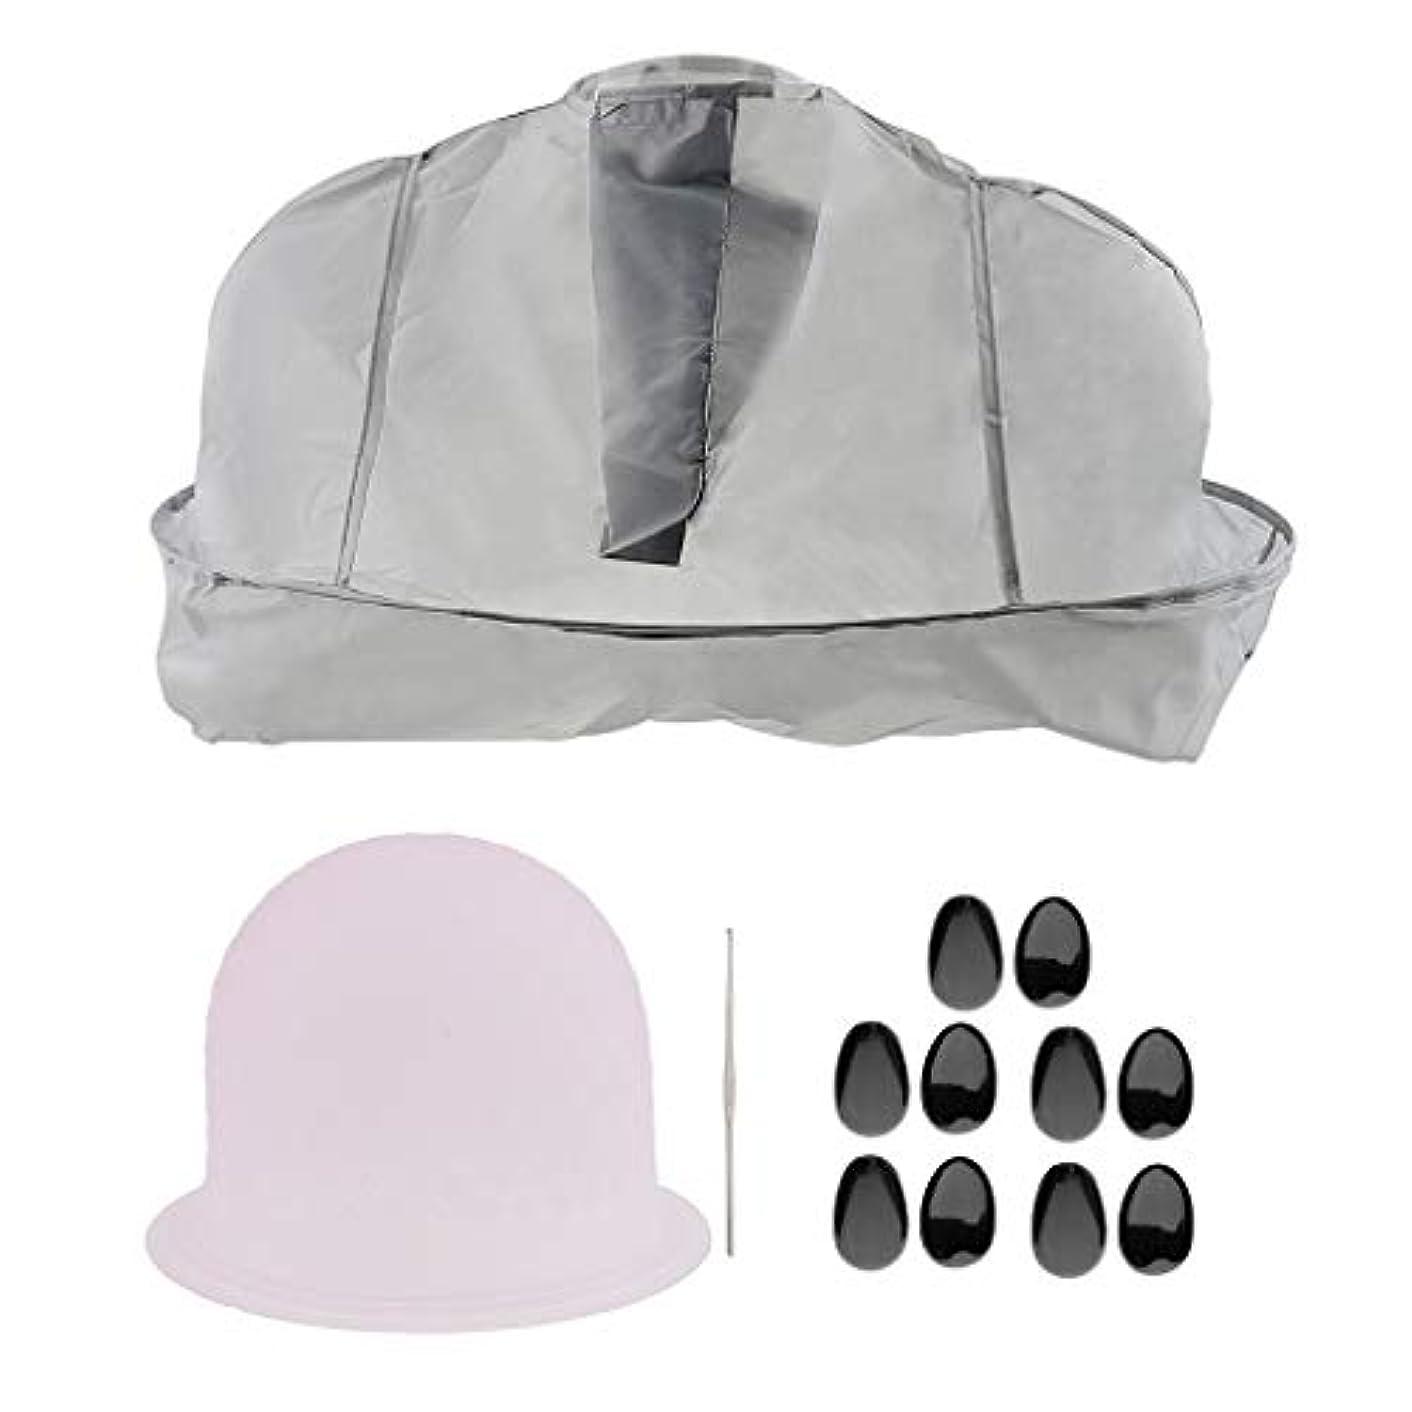 からかう厄介なペストサロンの理髪師の髪の色付けのツールセット帽子ティッピングキャップ耳のカバー